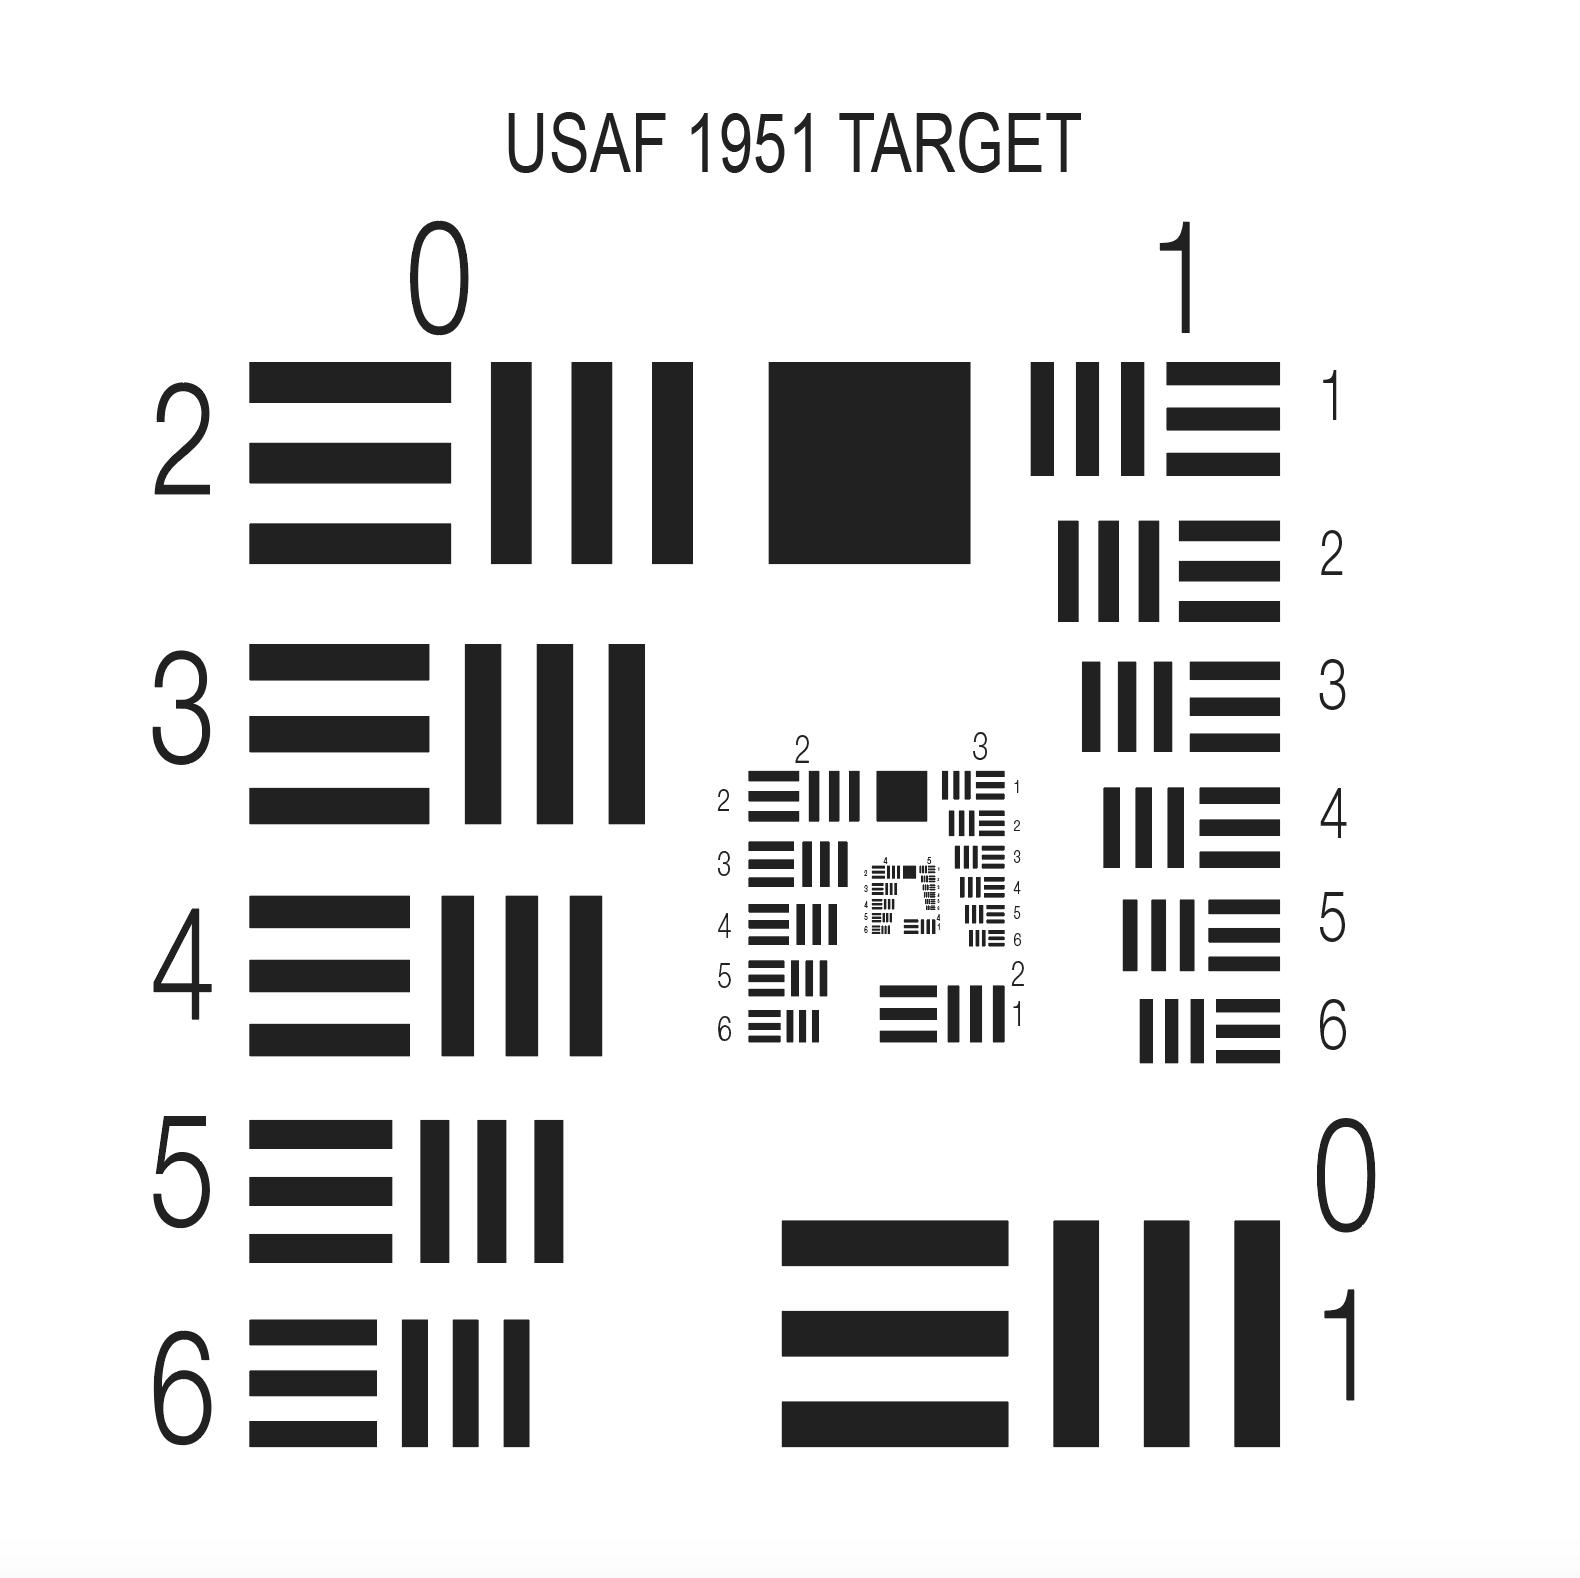 USAF分辨率测试卡 / 标定板